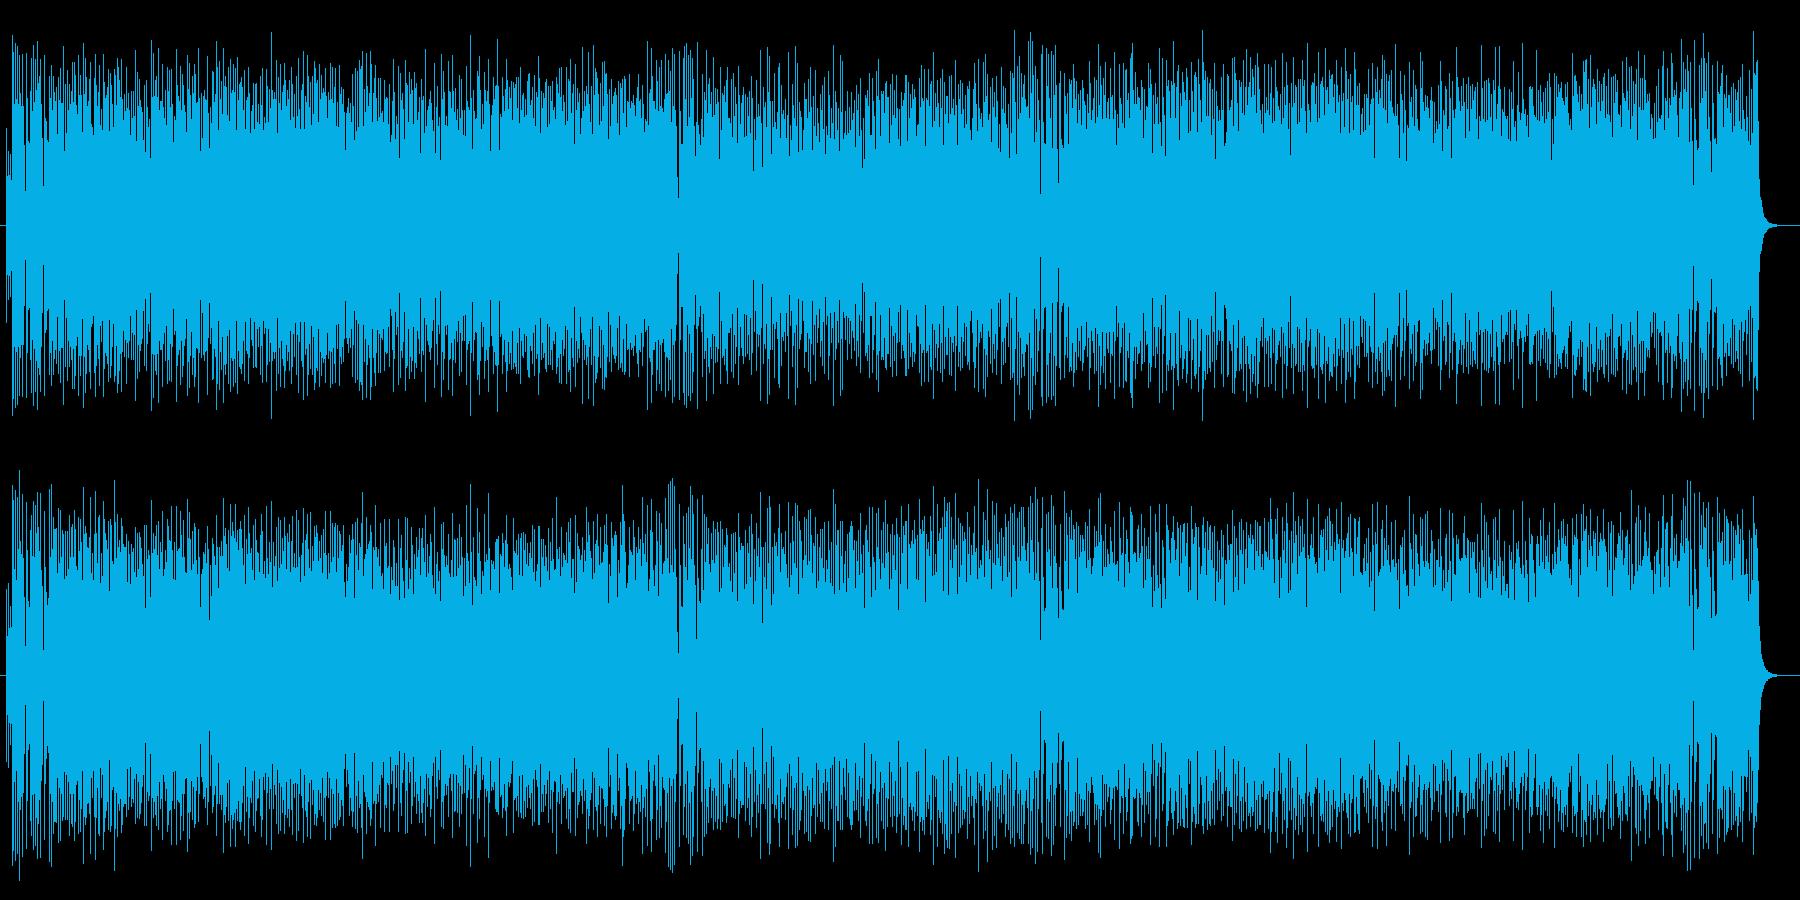 和風なアップテンポで楽しいポップスの再生済みの波形